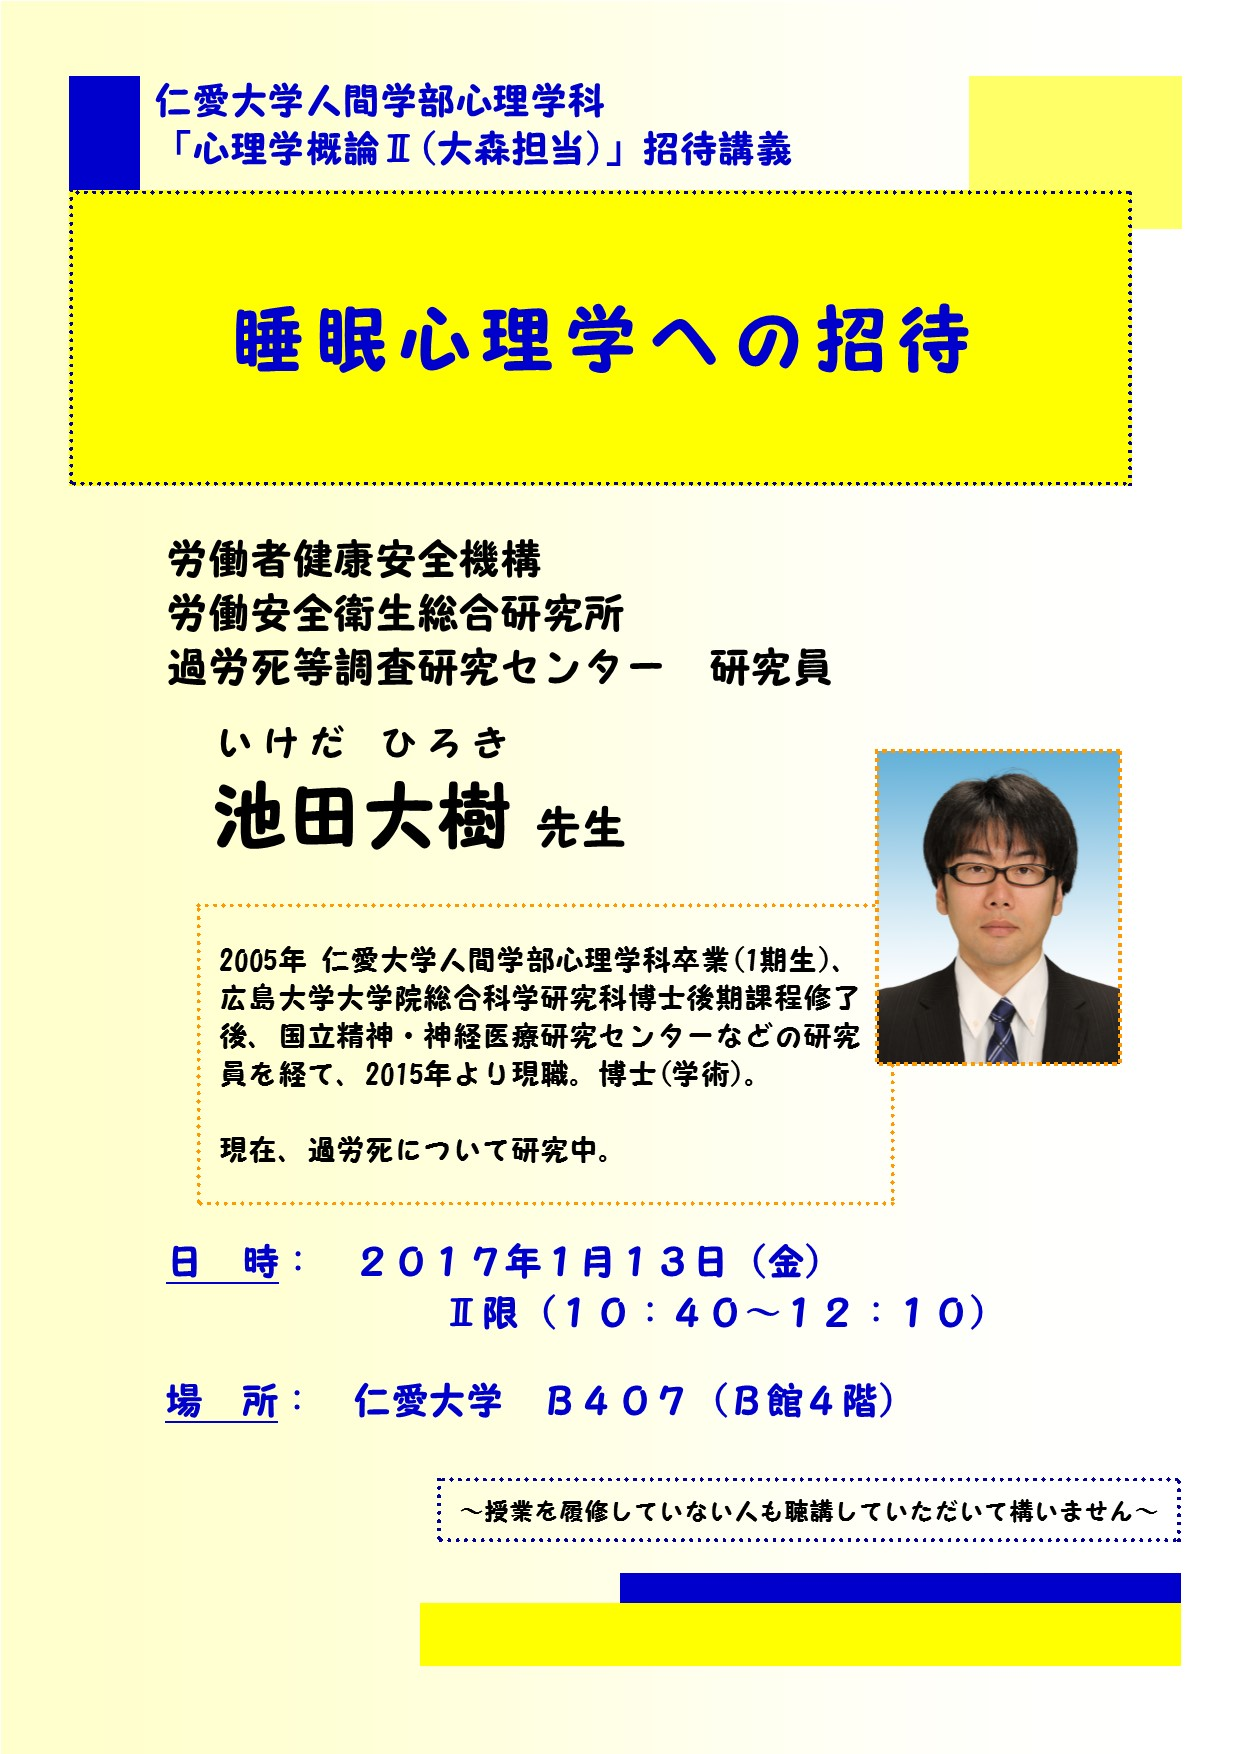 H28_syoutaikougi_ikedaT.jpg